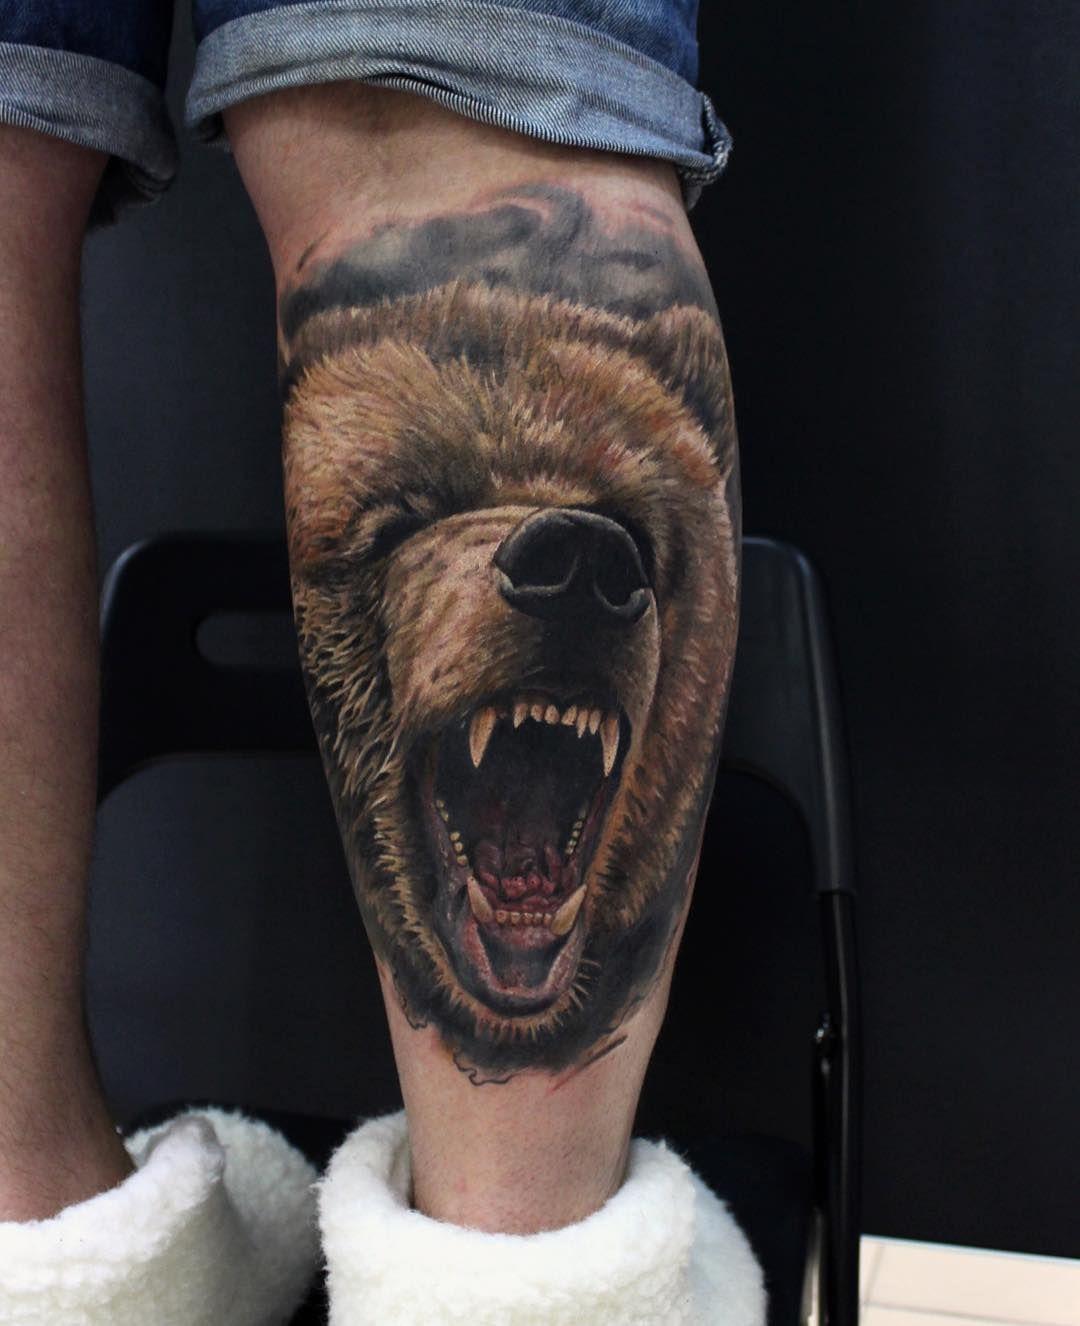 Tattoo Bear Tatts Tatuaje Maori Tatuajes Mejor Tatuaje